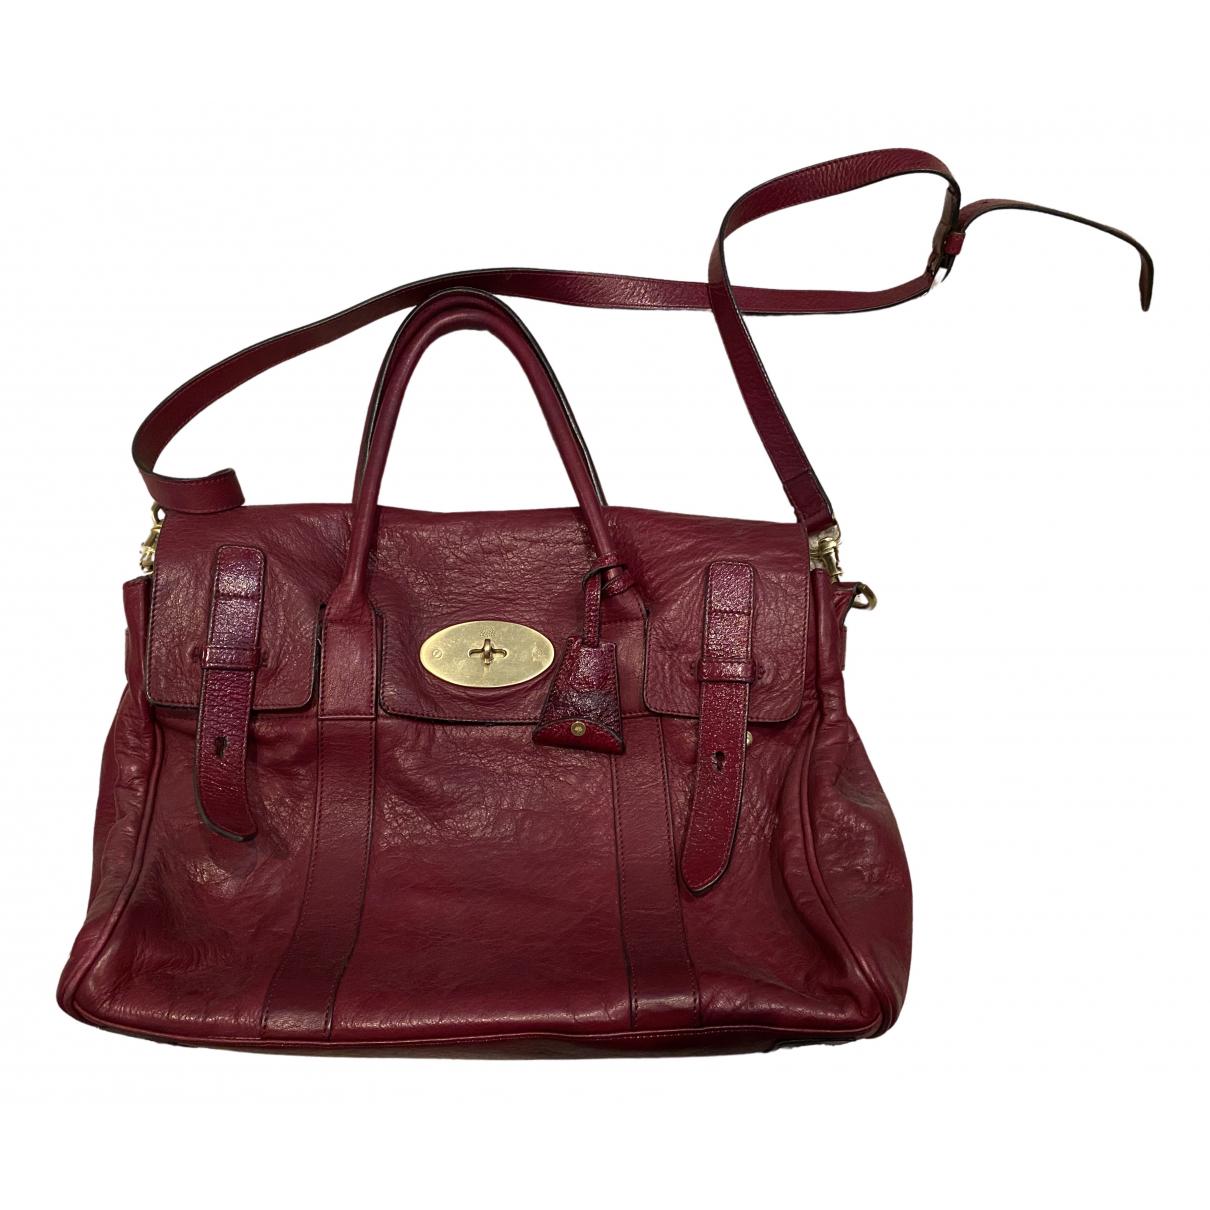 Mulberry - Sac a main Bayswater pour femme en cuir - bordeaux